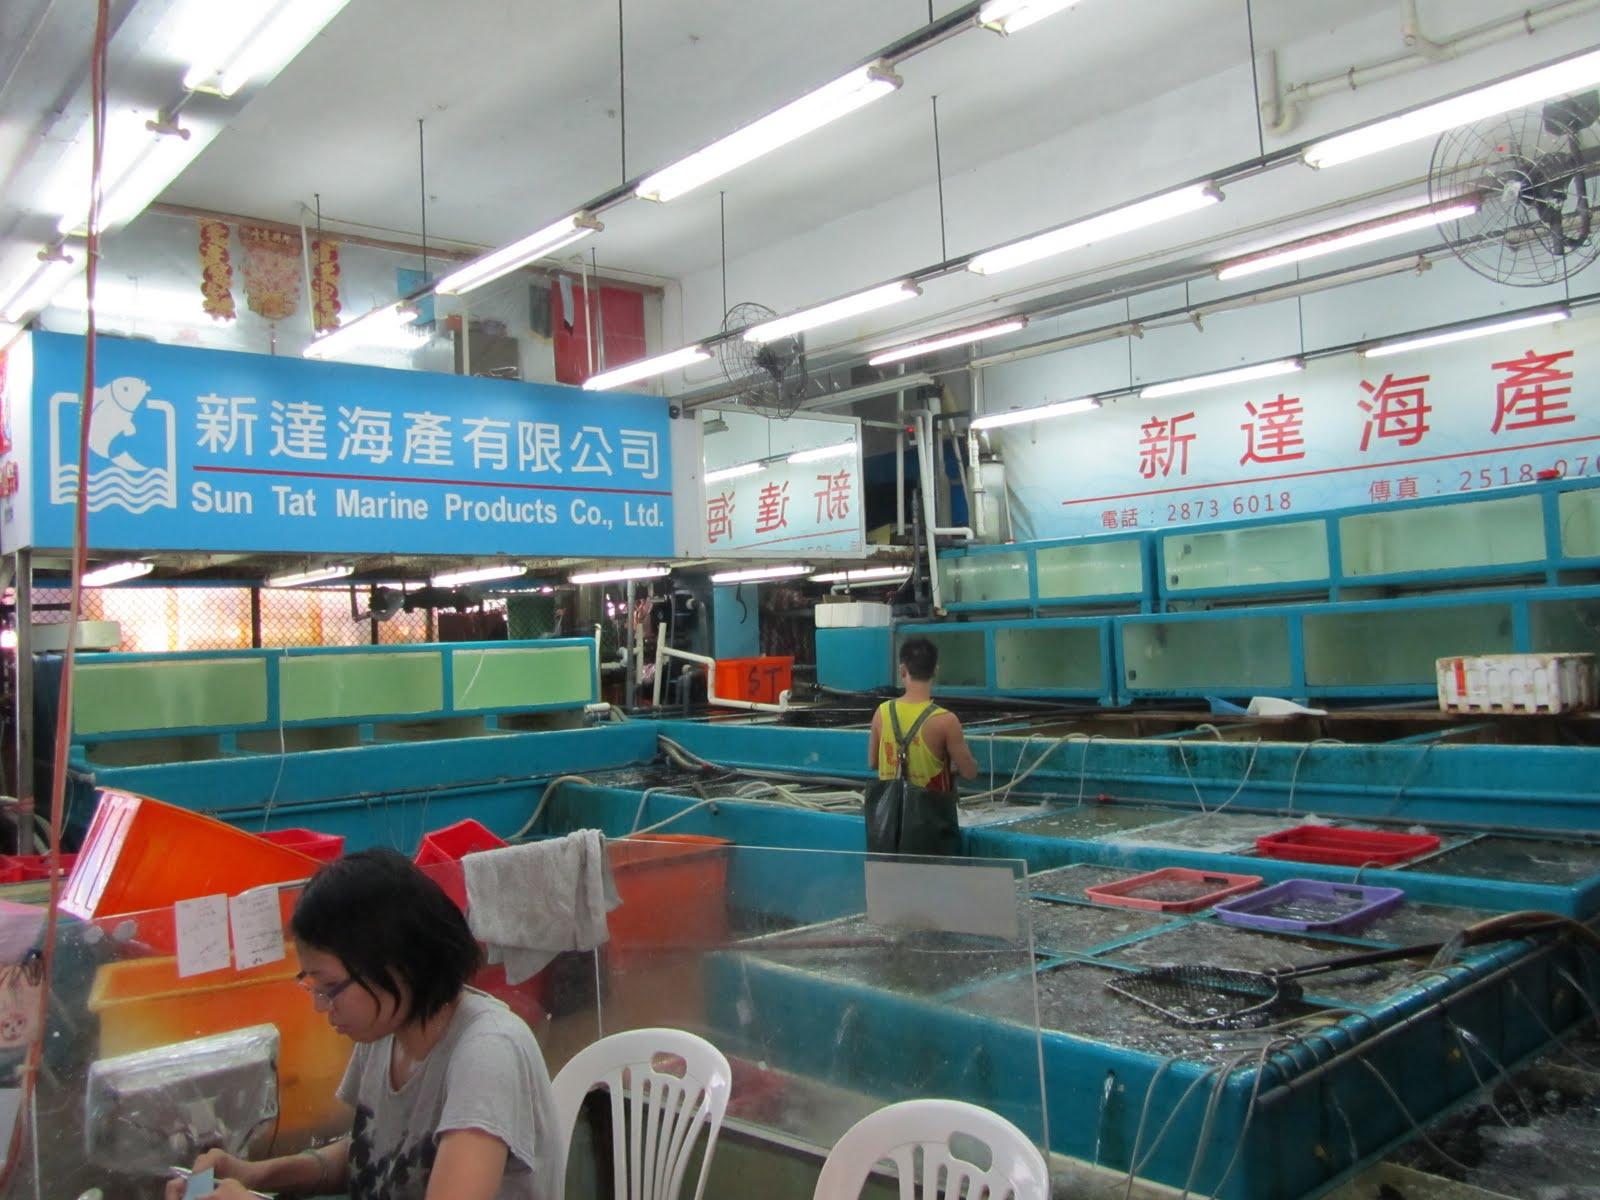 其他經歷: 參觀香港魚類統營處